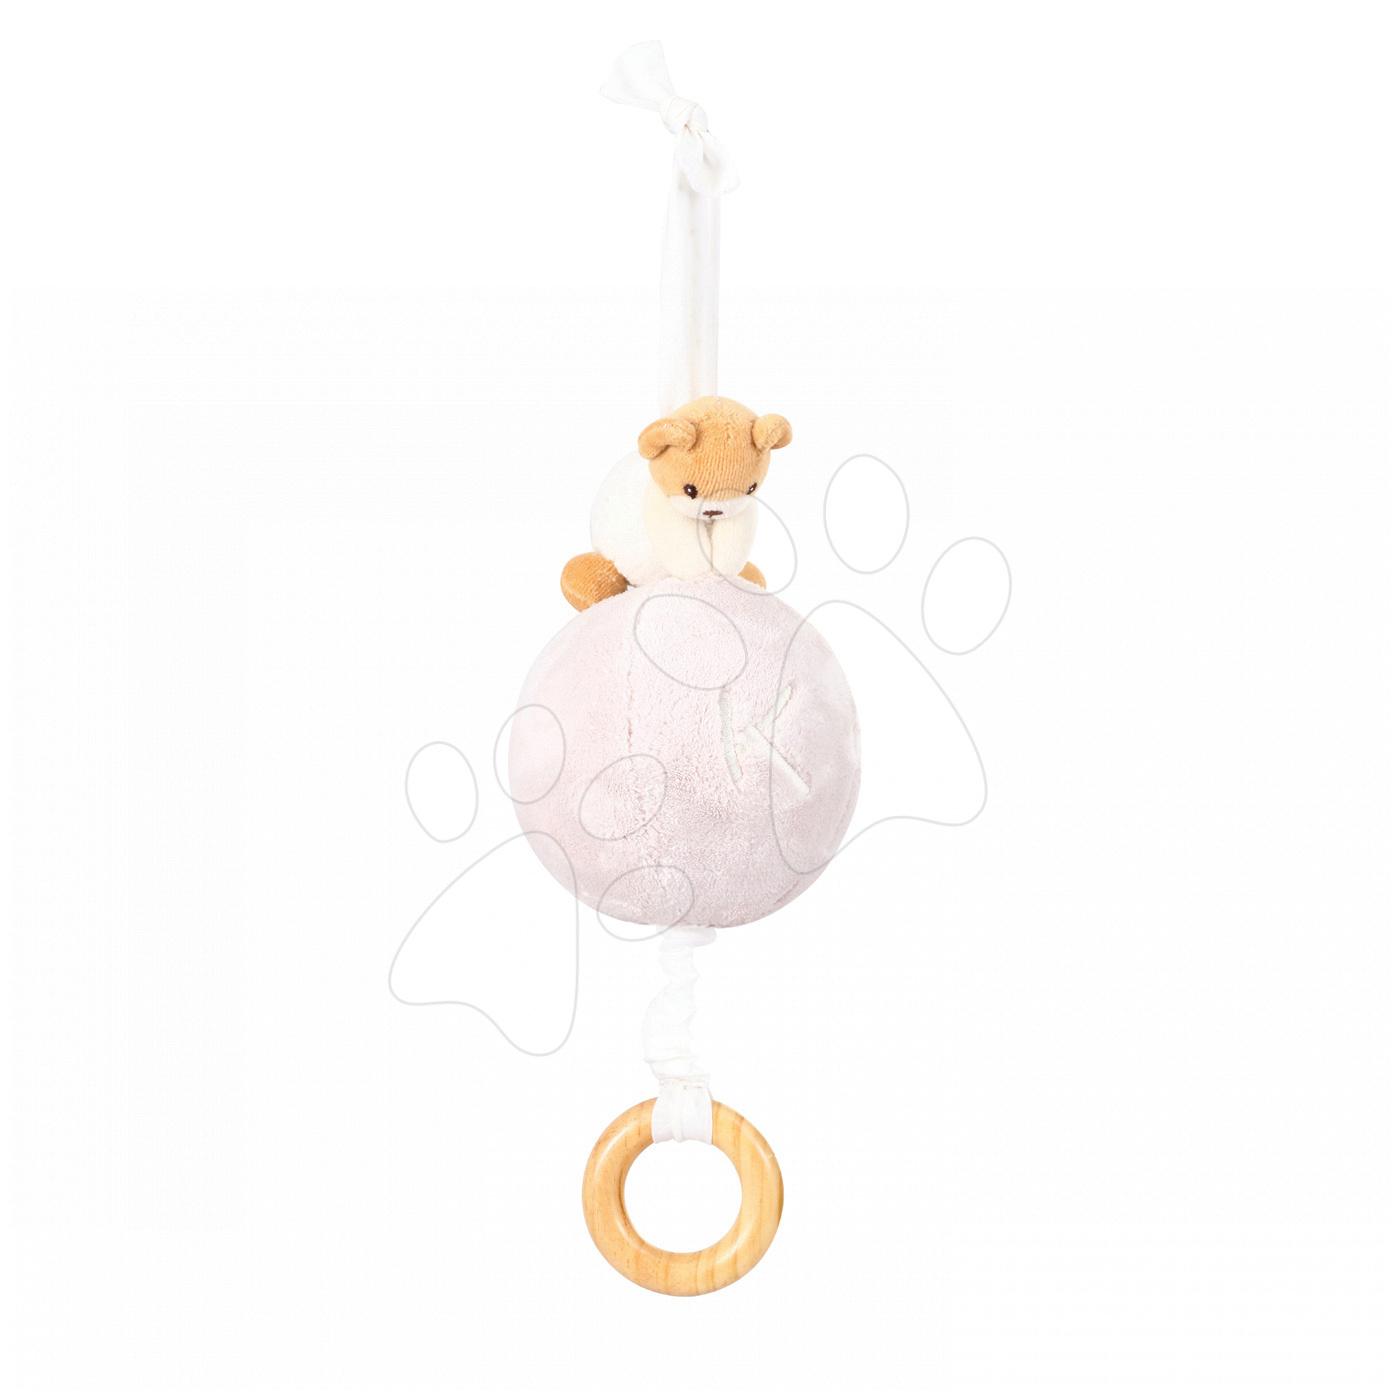 Plyšová loptička medveď s hudbou Plume - Pull Along Ball Kaloo béžová z jemného mäkkého plyšu